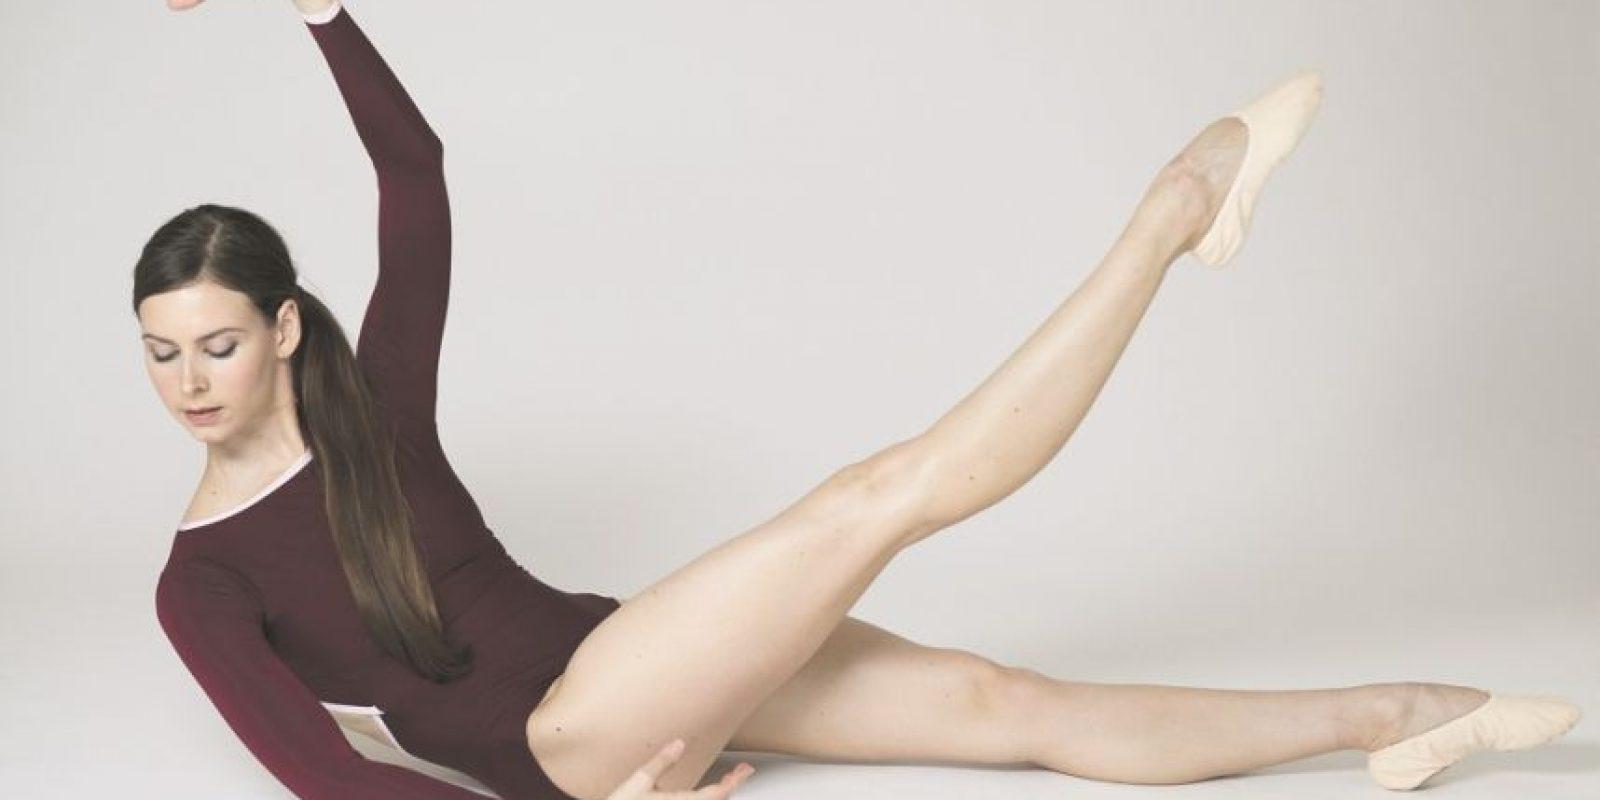 """2. Extensión abdominal de una pierna con giro y mantención. """"Para un bailarín, abdominales fuertes hacen un centro fuerte de equilibrio.""""Estira las piernas en la colchoneta. Tira hacia atrás y aprieta el estómago; a continuación, levanta una pierna del suelo a unos 10 a 20 grados. Continúa apretando los músculos abdominales y laterales, mientras levantas un brazo a la cuarta posición y giras hacia la pierna opuesta que está levantada. Baja tu torso y aprieta tu estómago. Repite en el otro lado. Foto:Fuente externa"""